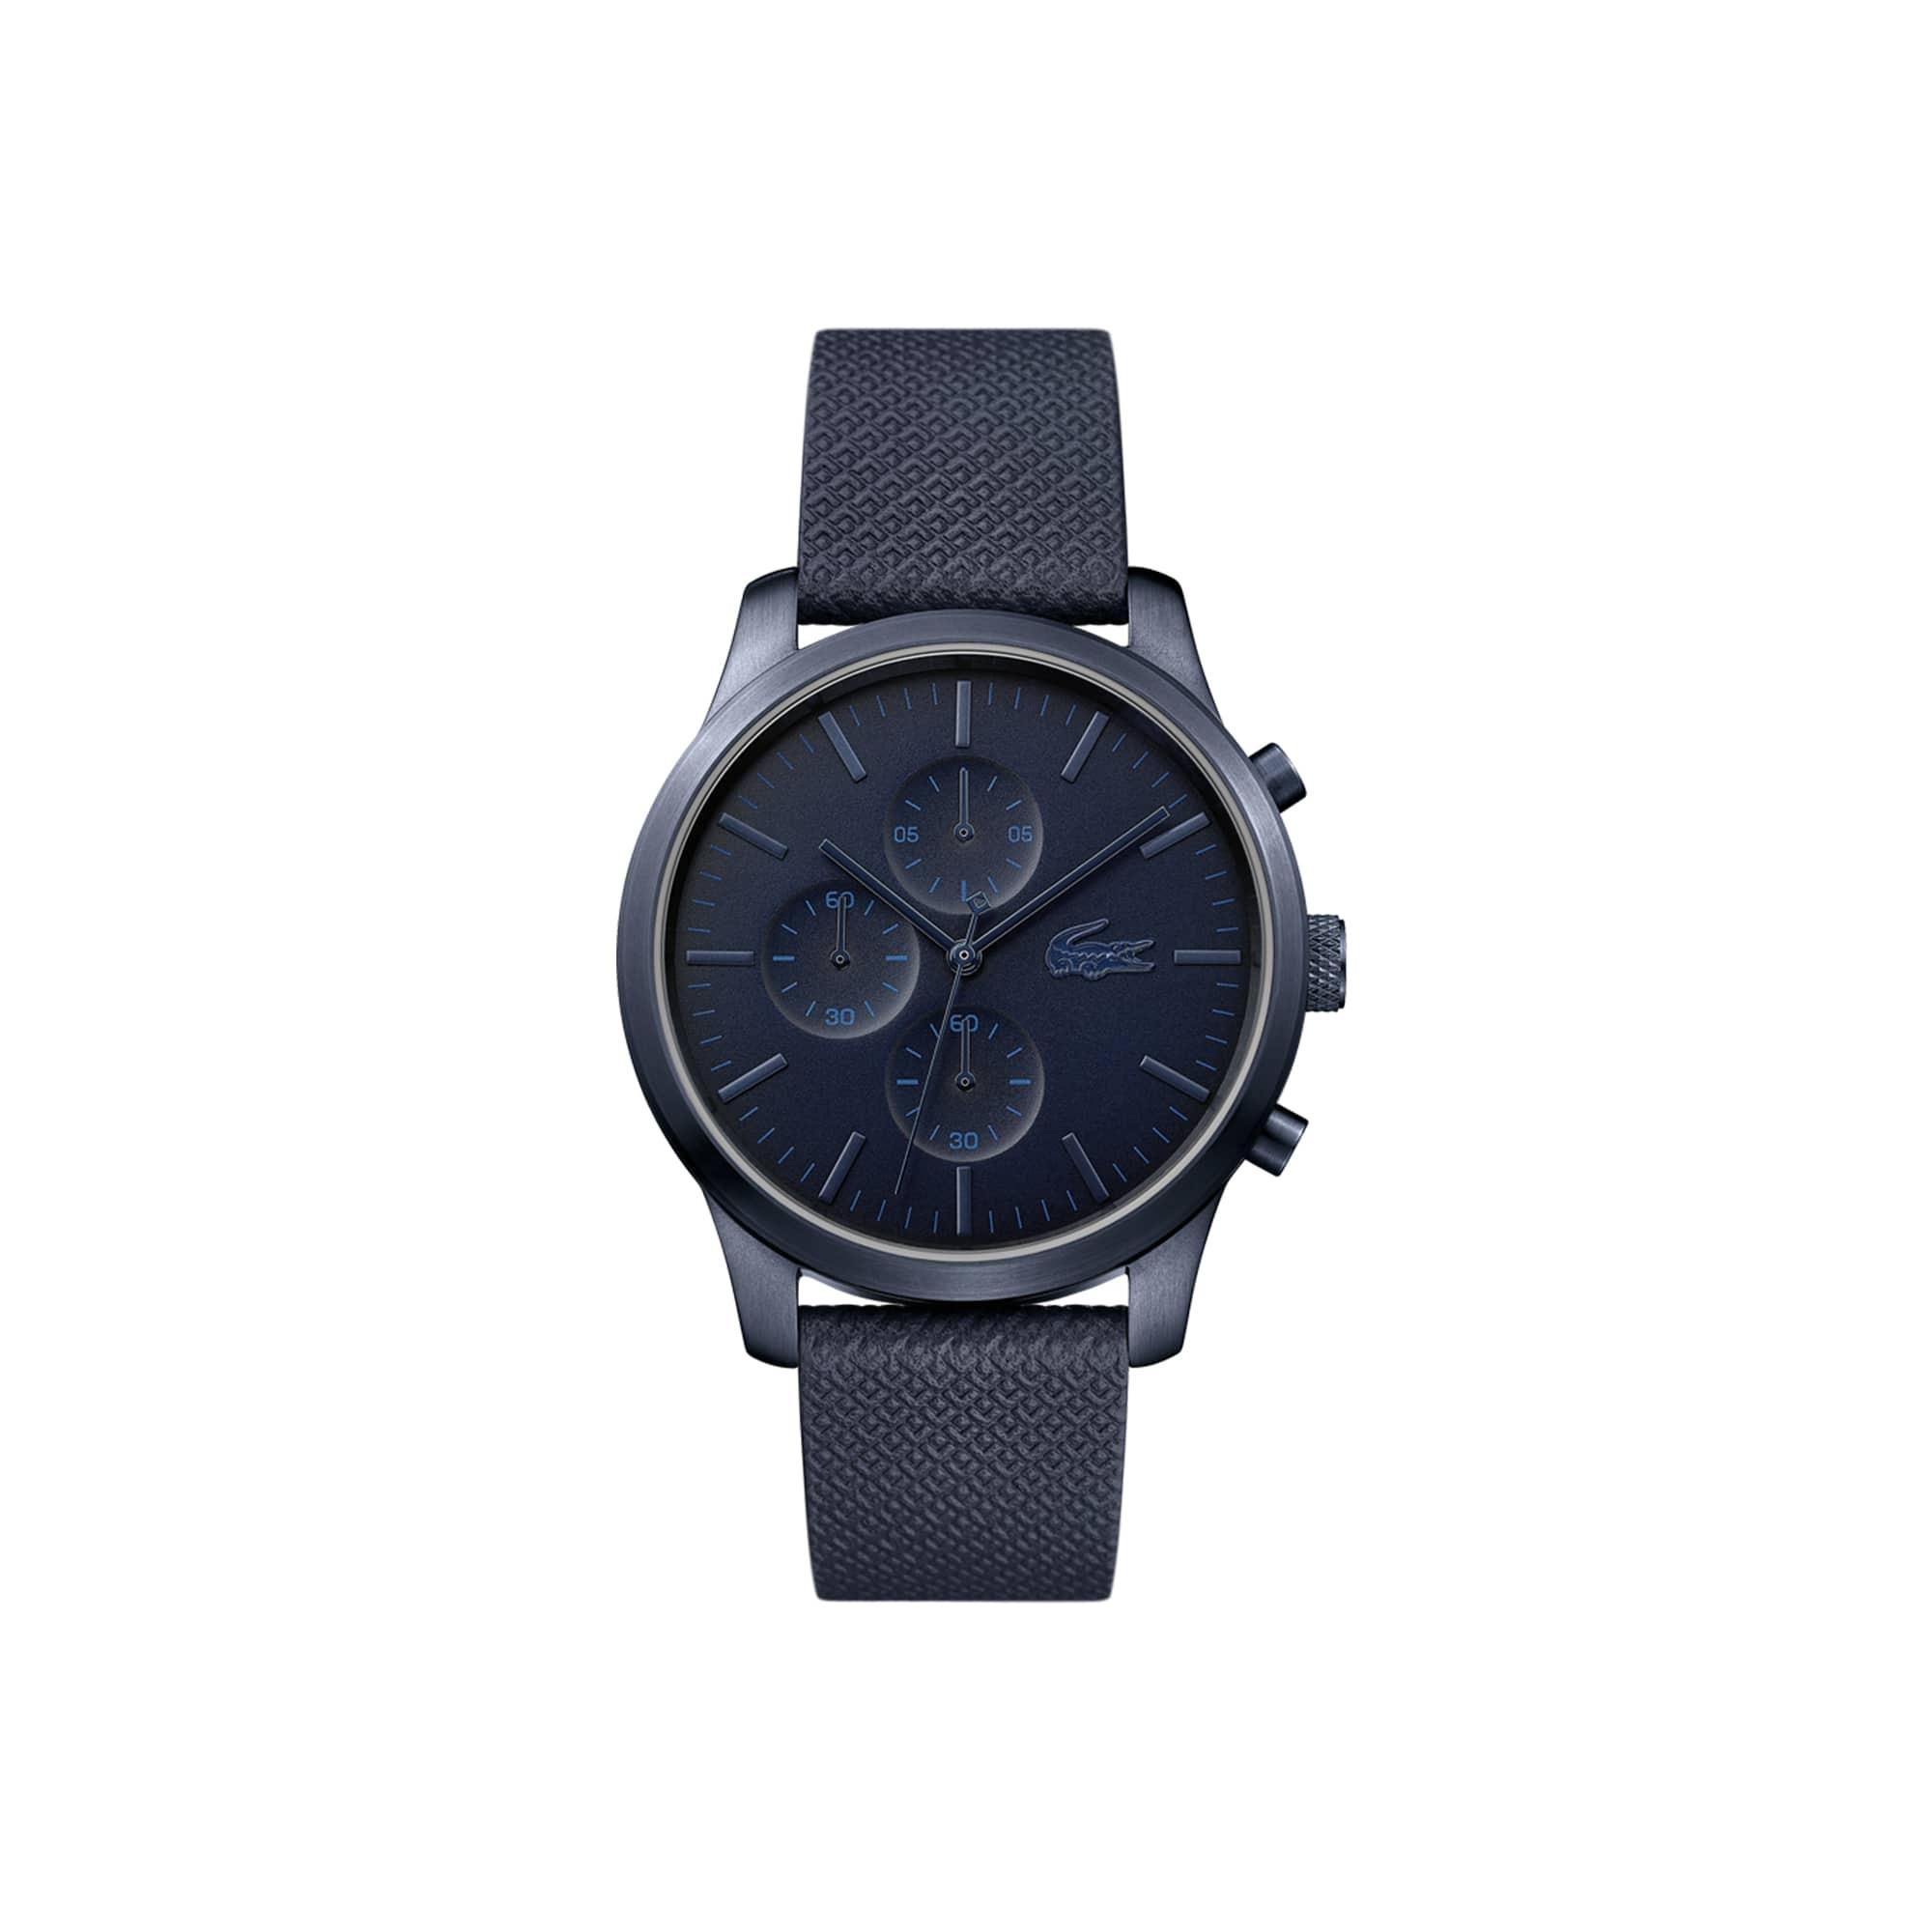 Relógio cronógrafo Lacoste 12.12 de homem do 85.º aniversário com uma bracelete de pele gravada com Petit Piqué em azul